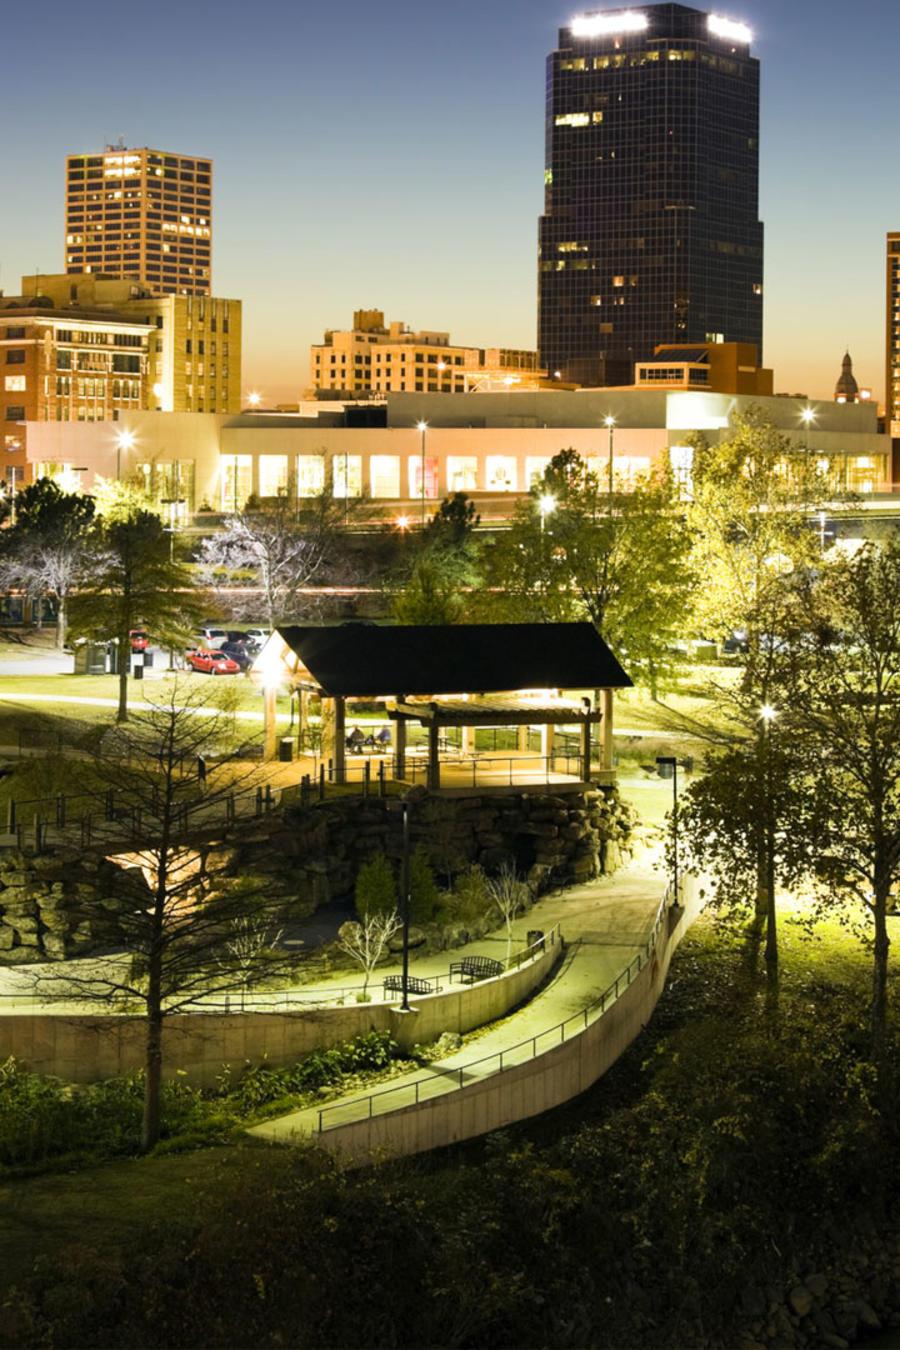 Ciudad de Little Rock, Arkansas, por la noche